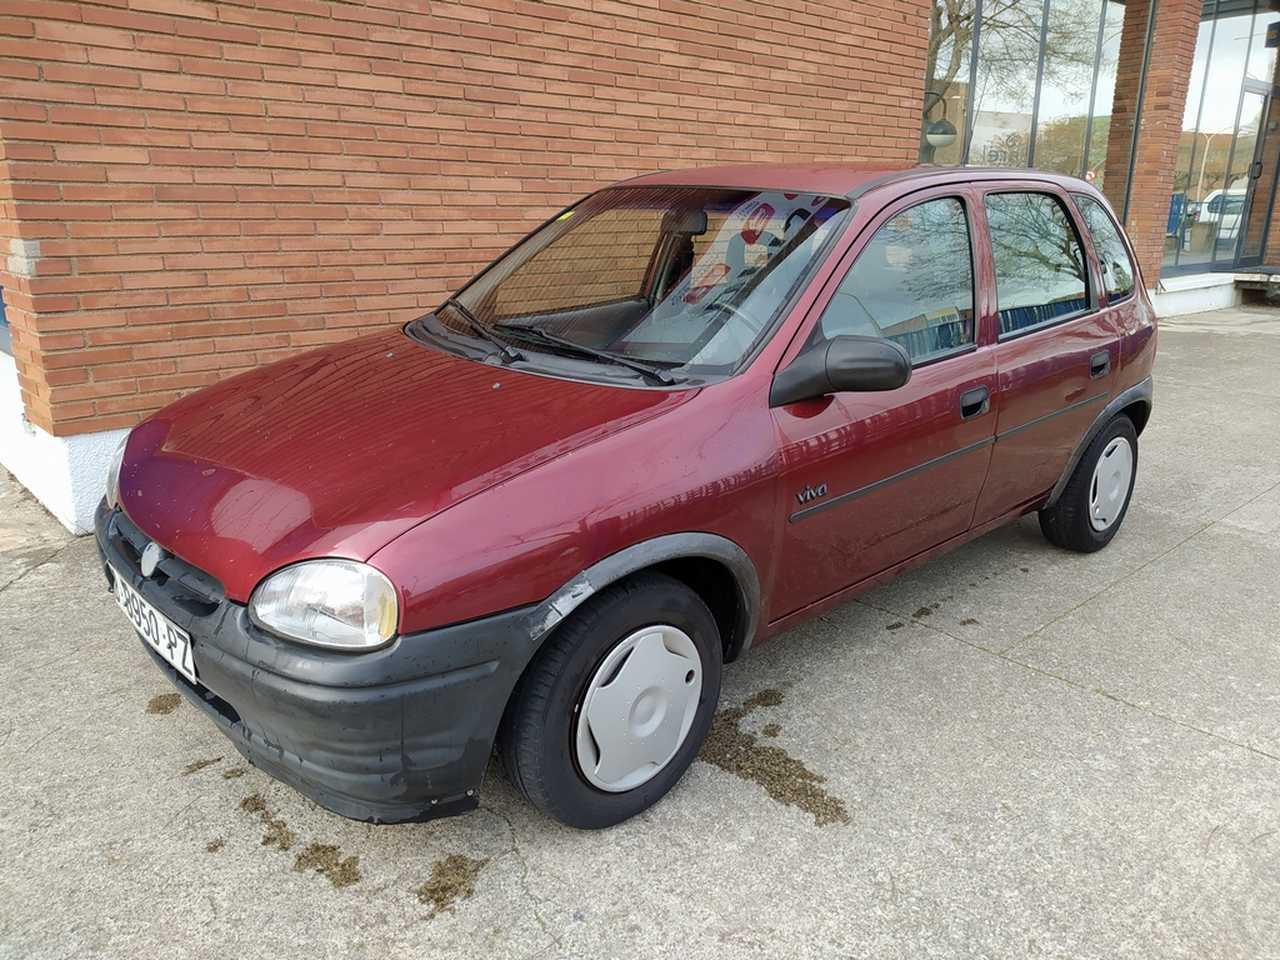 Opel Corsa 1.2 VIVA 5p.   - Foto 1